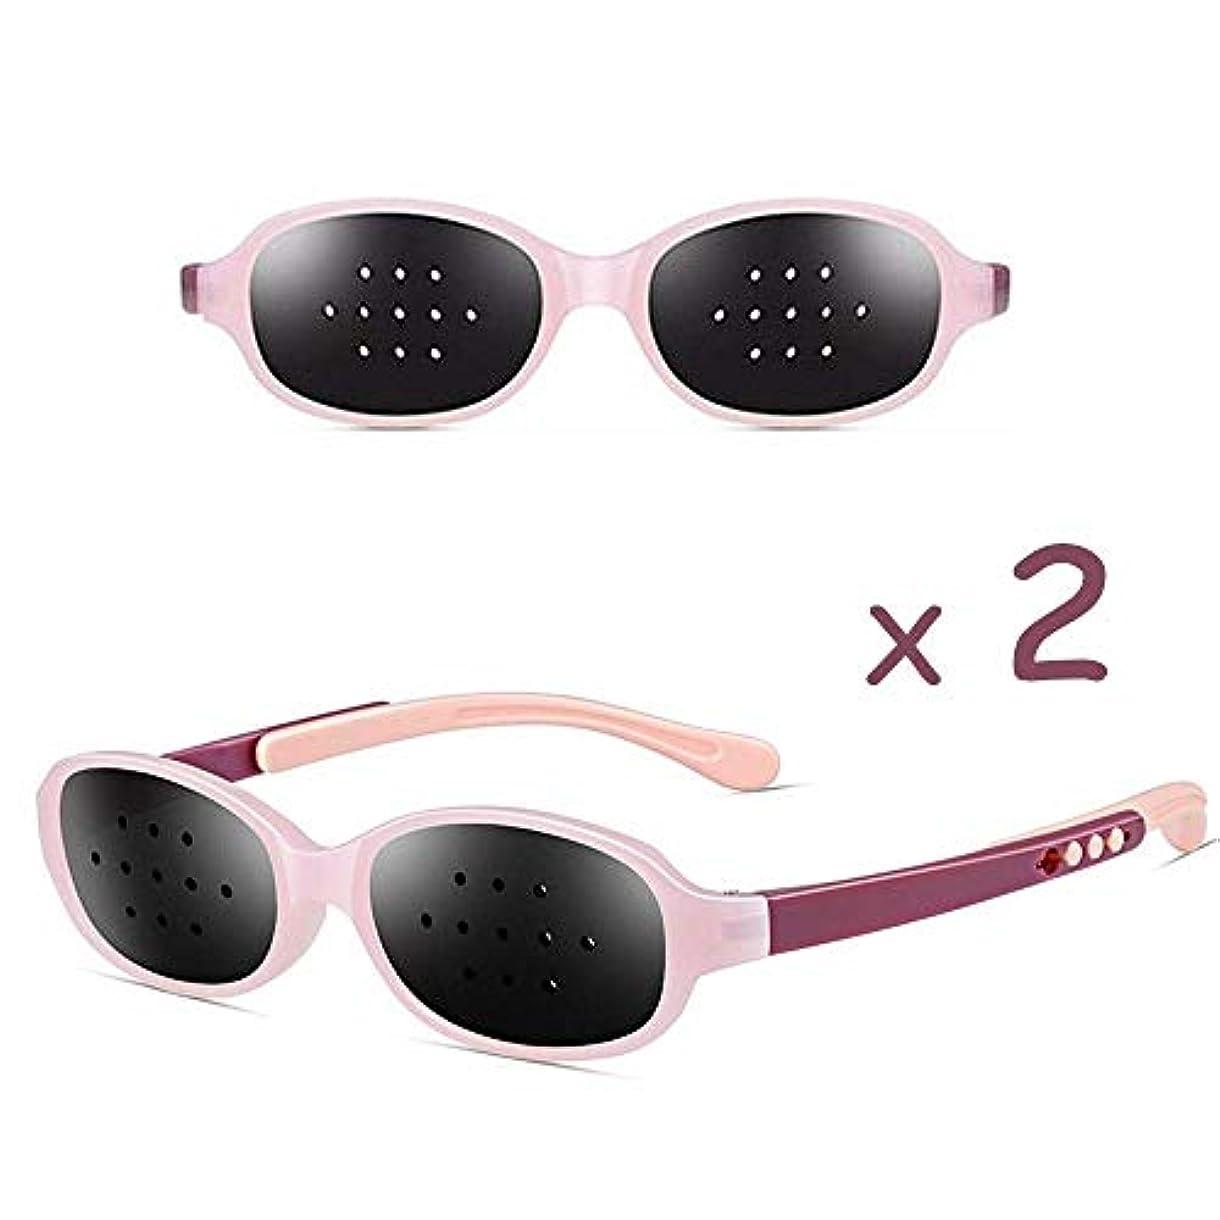 大統領天井以下視力保護のためのピンホールメガネ目運動視力矯正メガネ (Color : B)